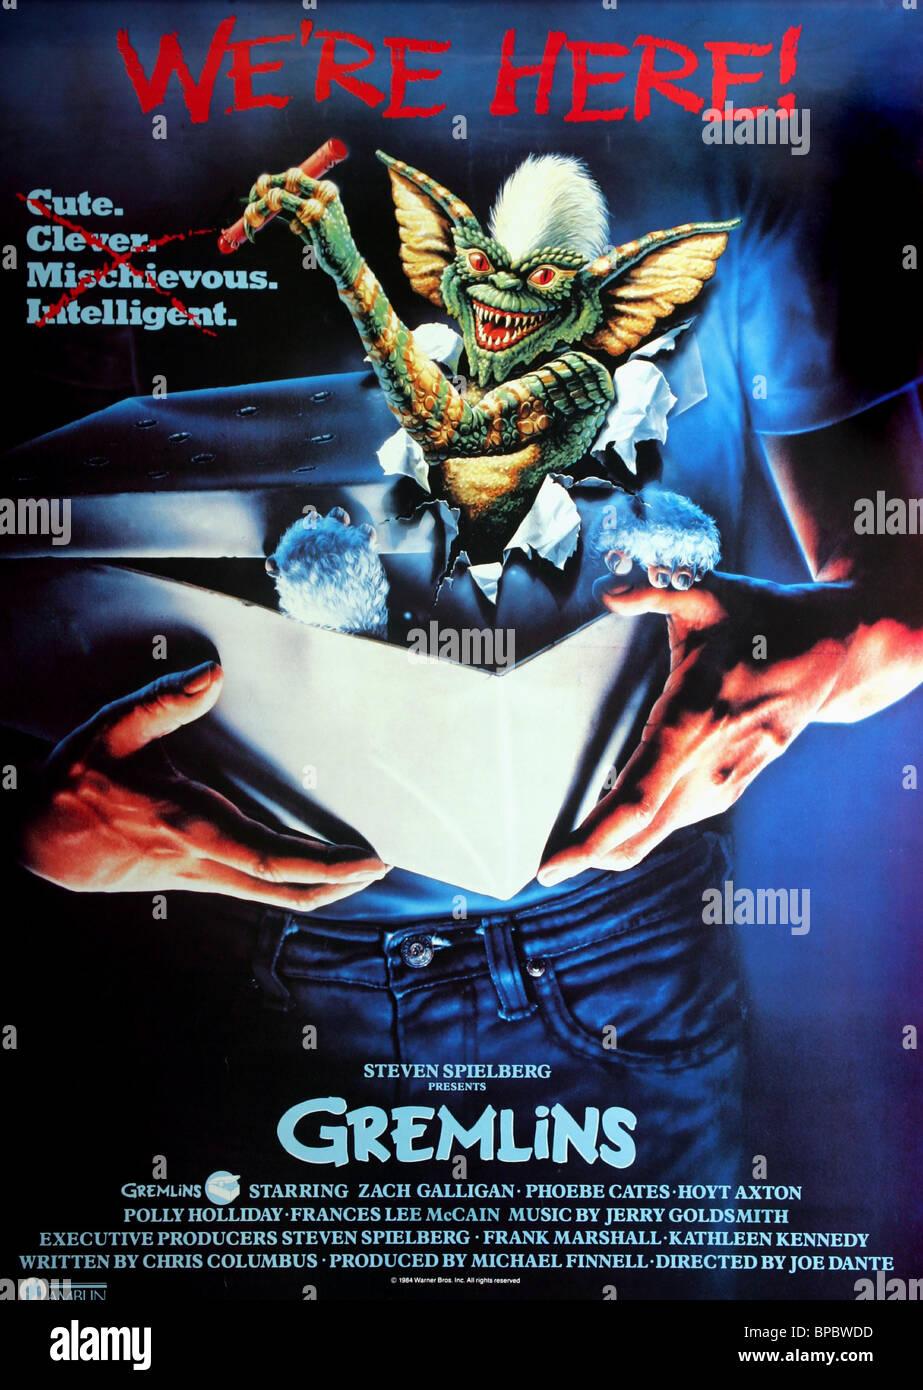 Download Film Gremlins 1984